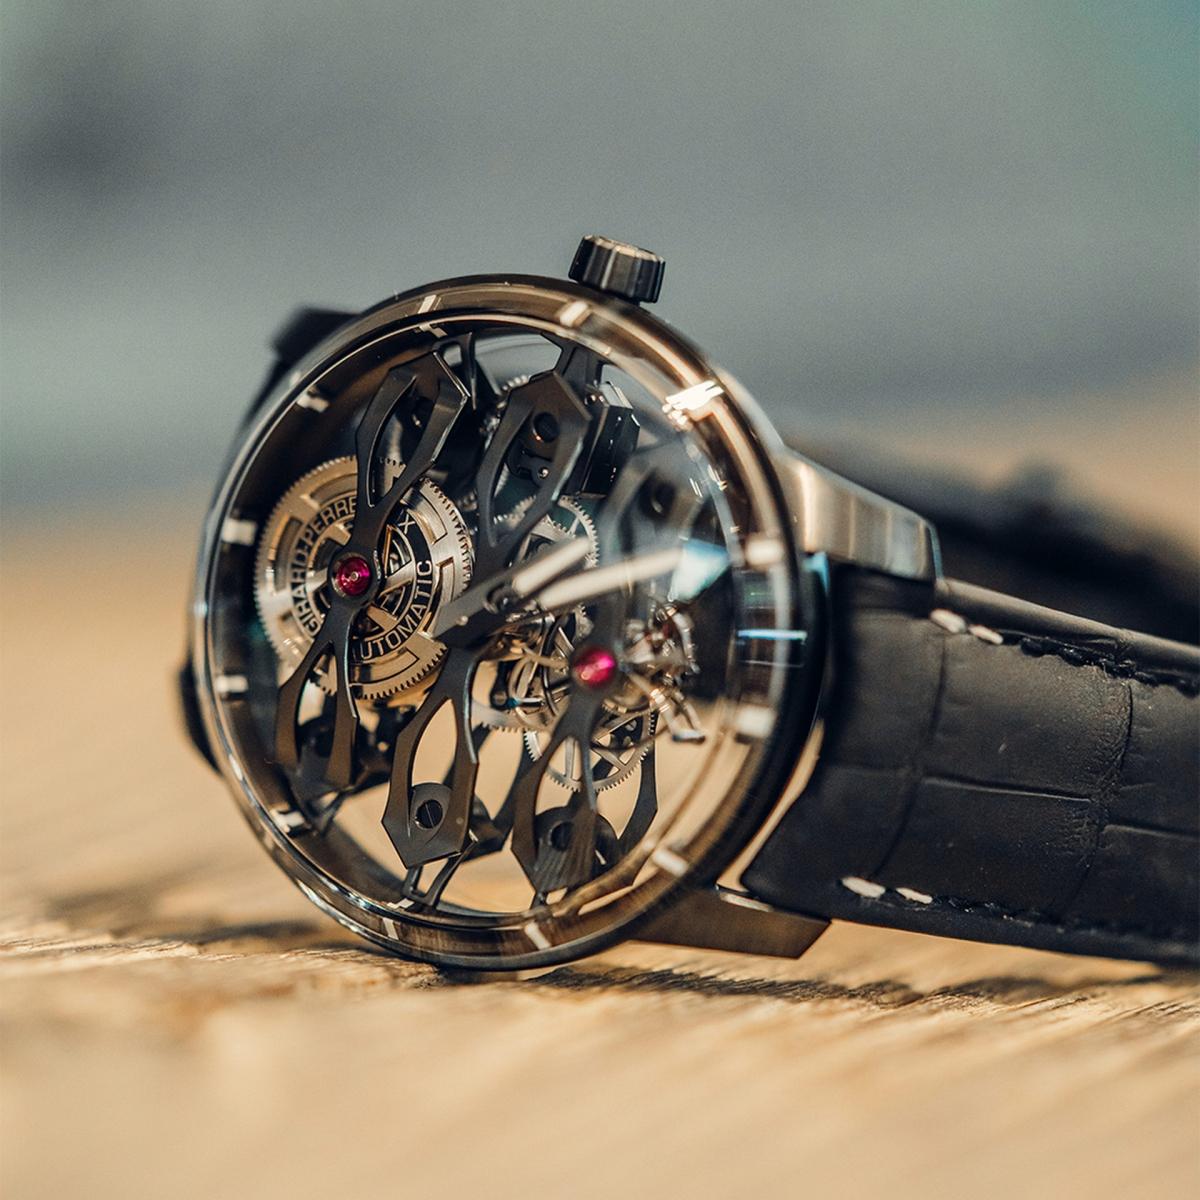 Bên trong khung là ba cây cầu bắc qua mặt số, gợi nhớ tới mẫu đồng hồ bỏ túi thế kỷ 19 đặc trưng của Girard-Perregaux.